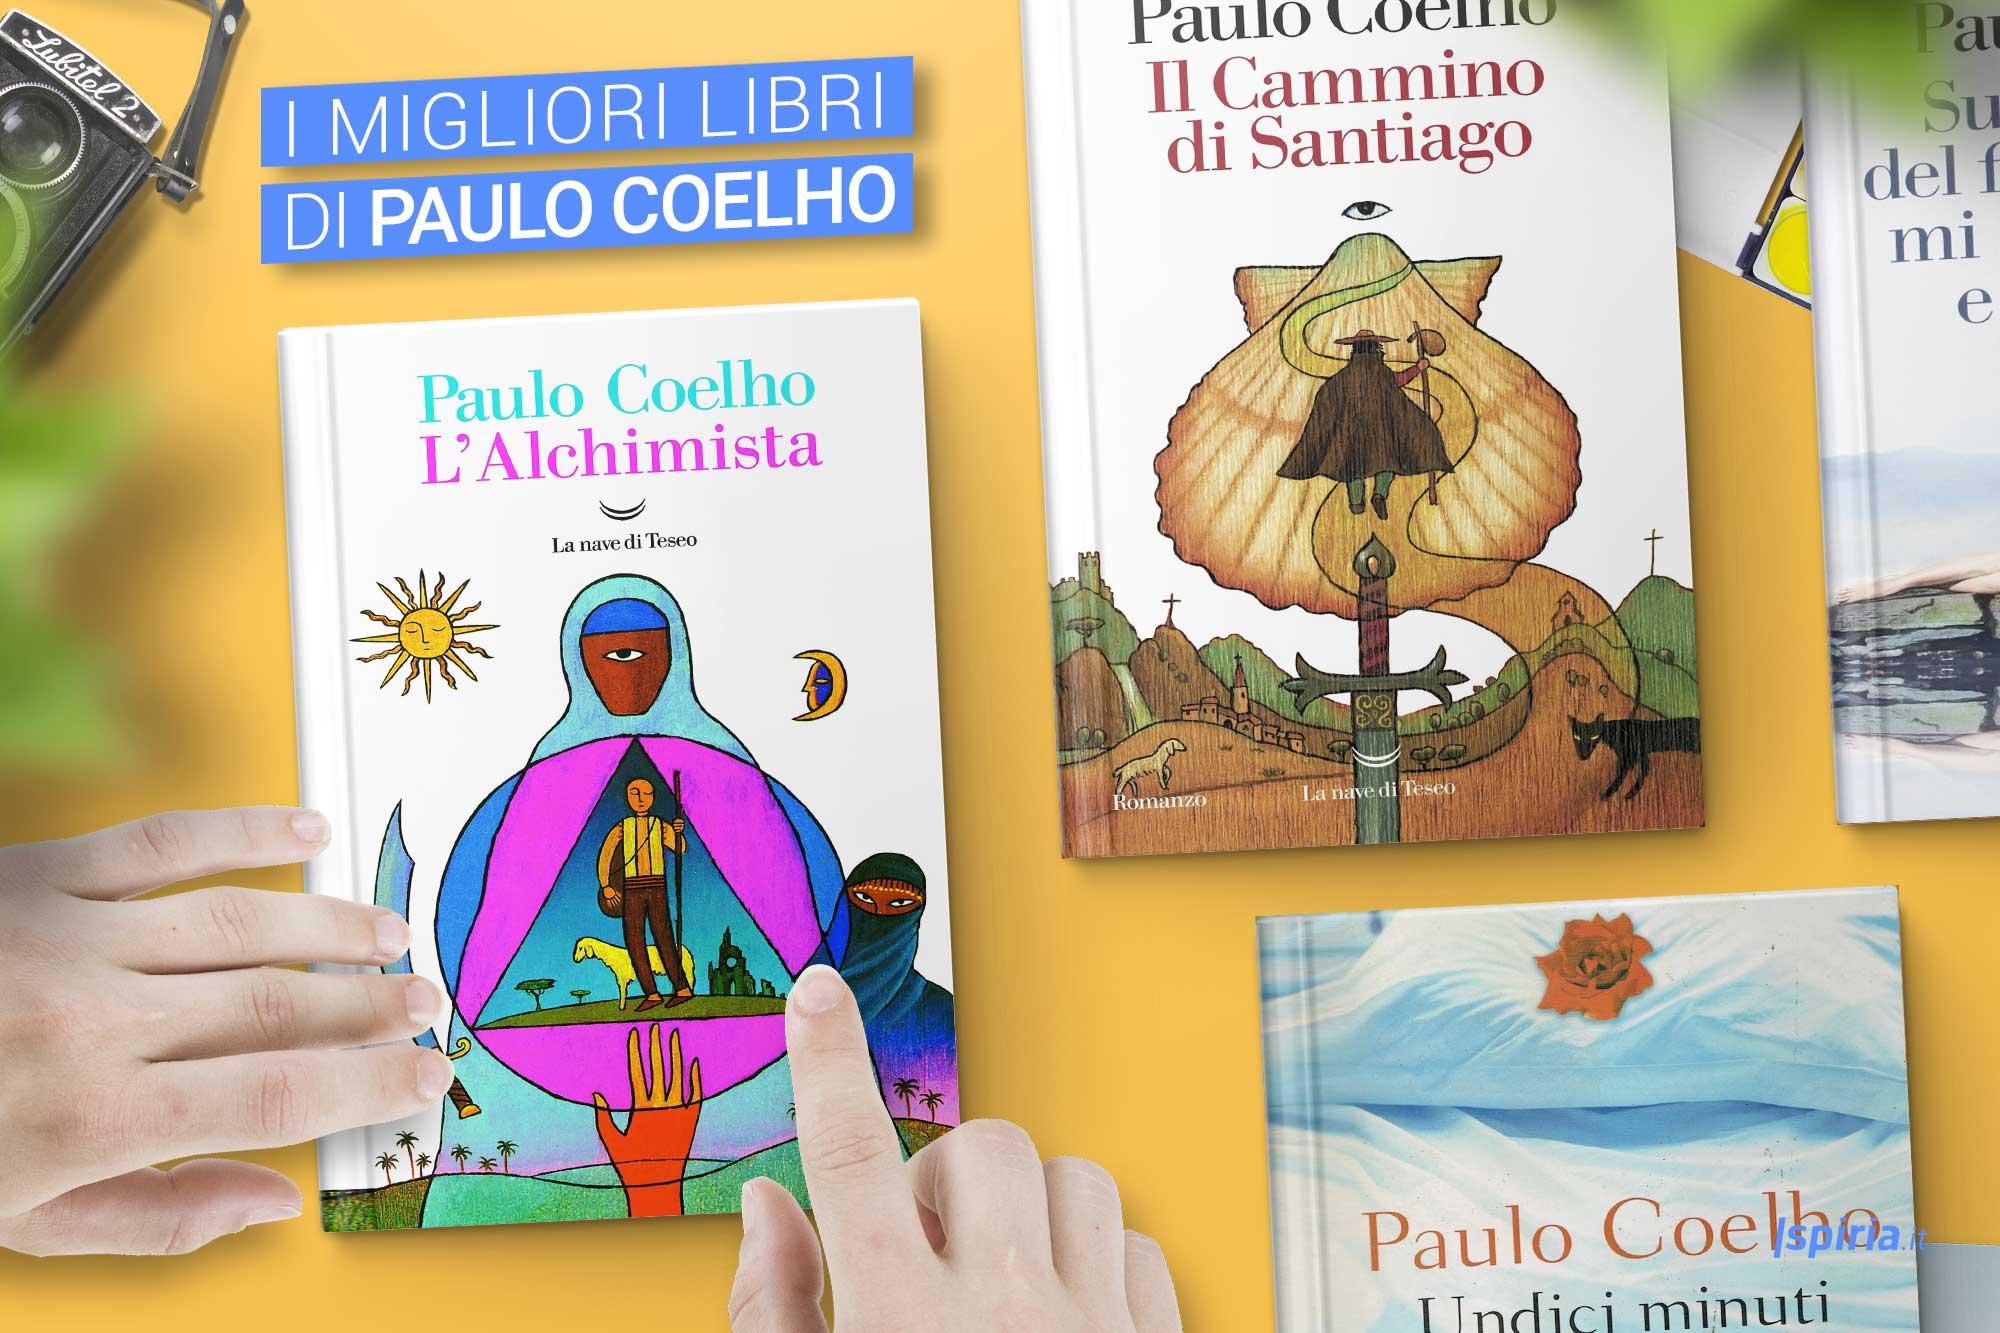 migliori-libri-paulo-coelho-leggere